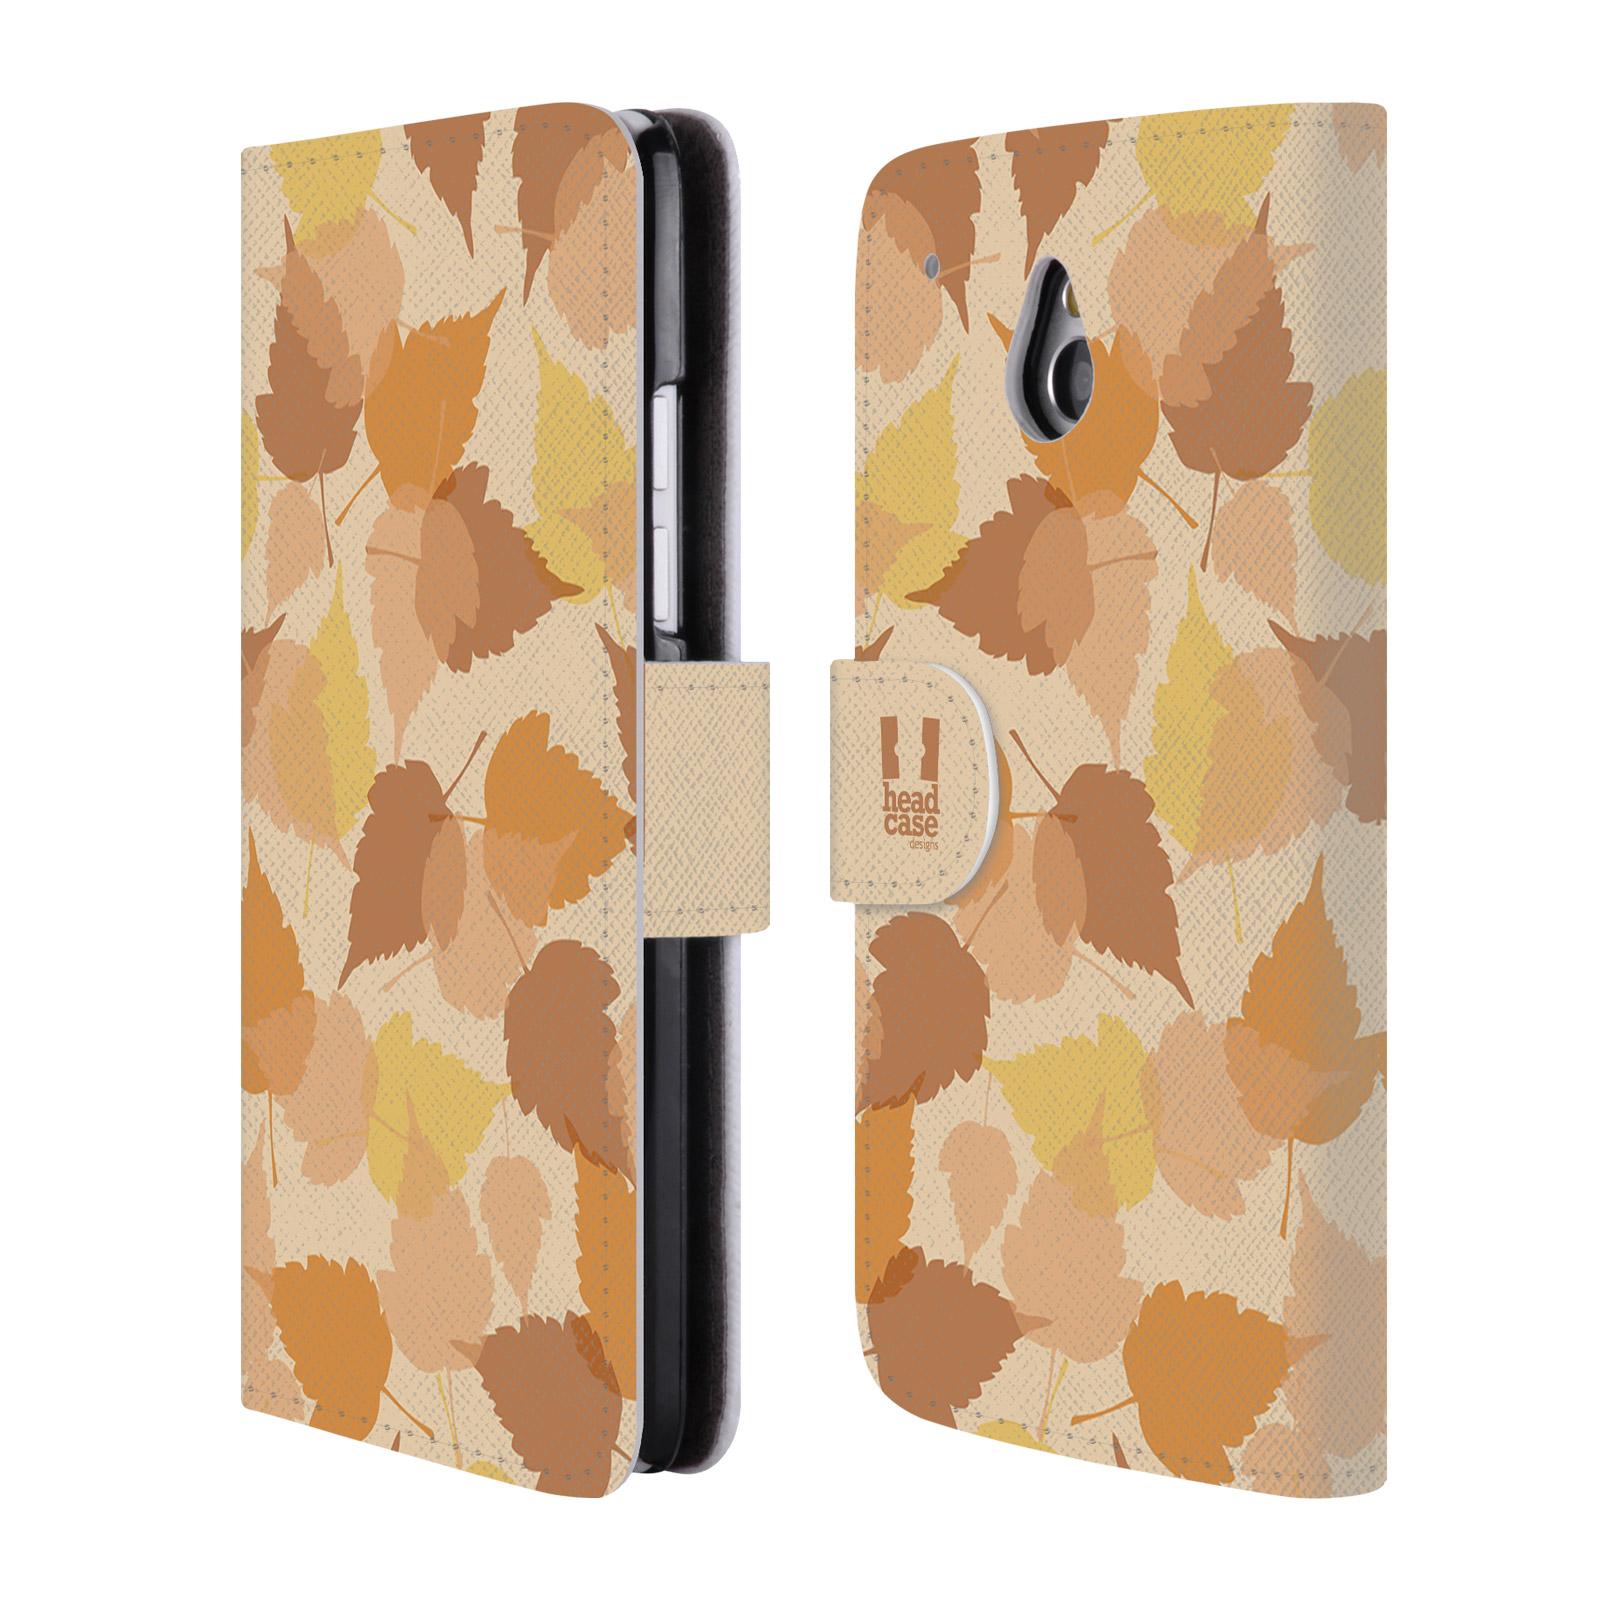 HEAD CASE Flipové pouzdro pro mobil HTC ONE MINI (M4) vzor prolínající se listy podzim